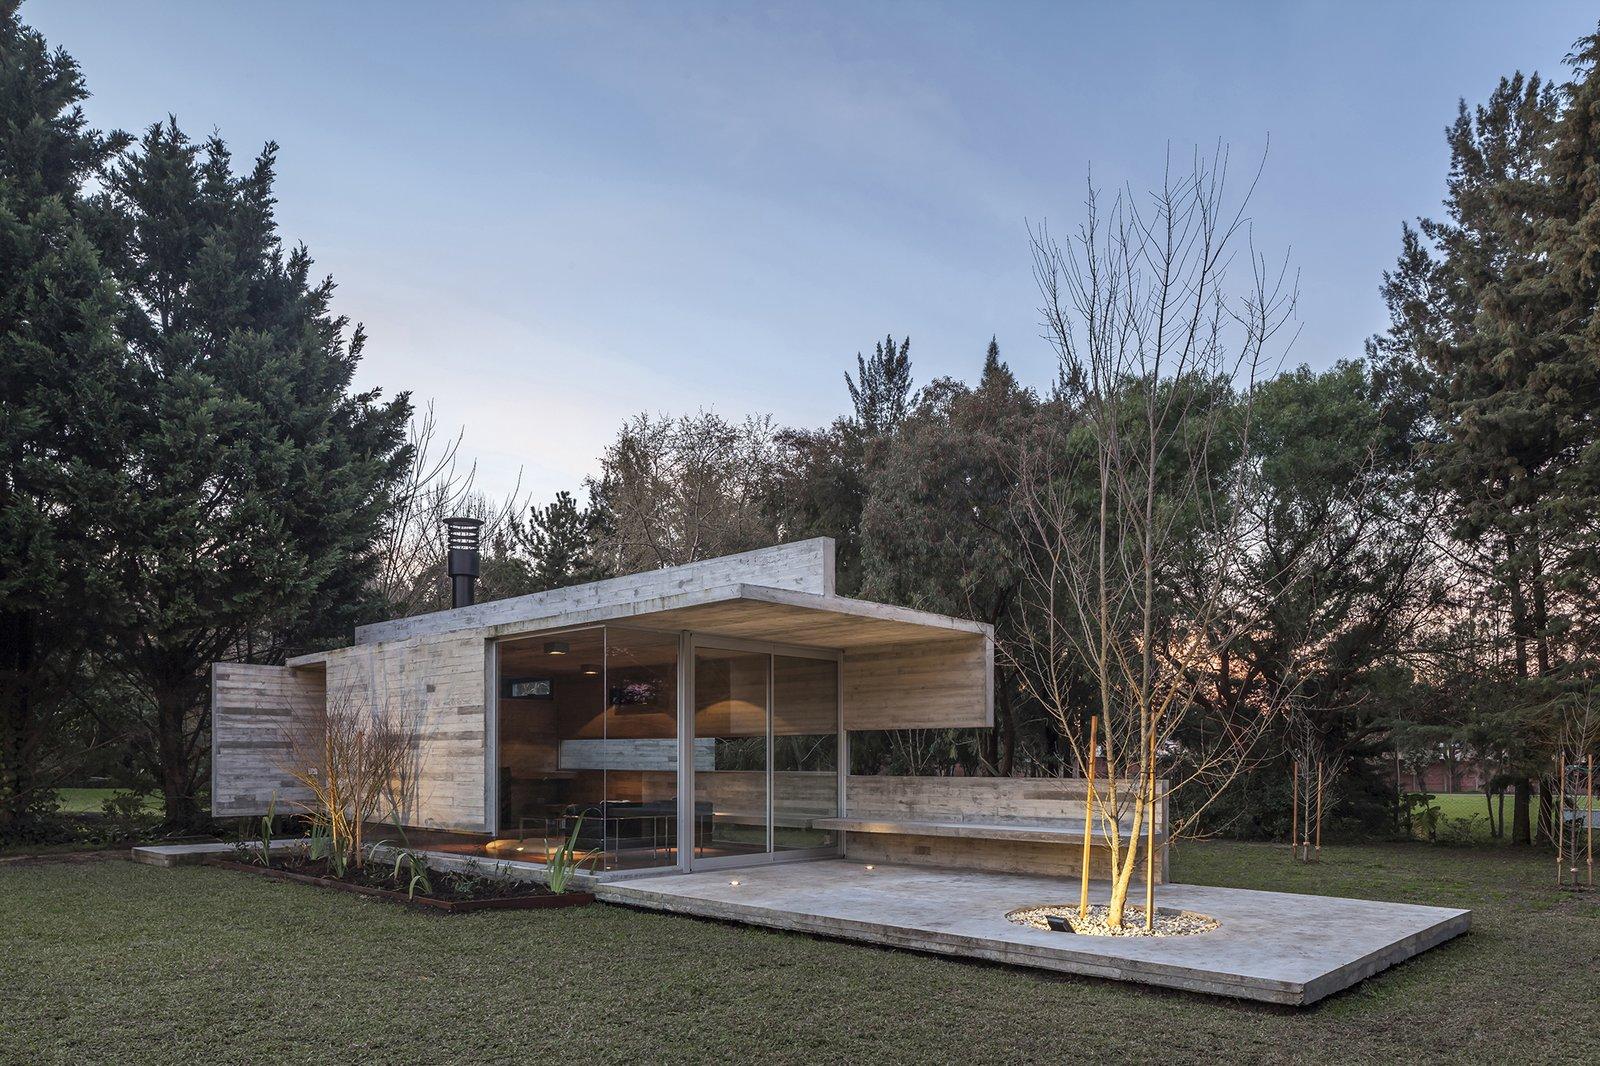 Torcuato House Pavilion  Brutal Beauty by Gessato